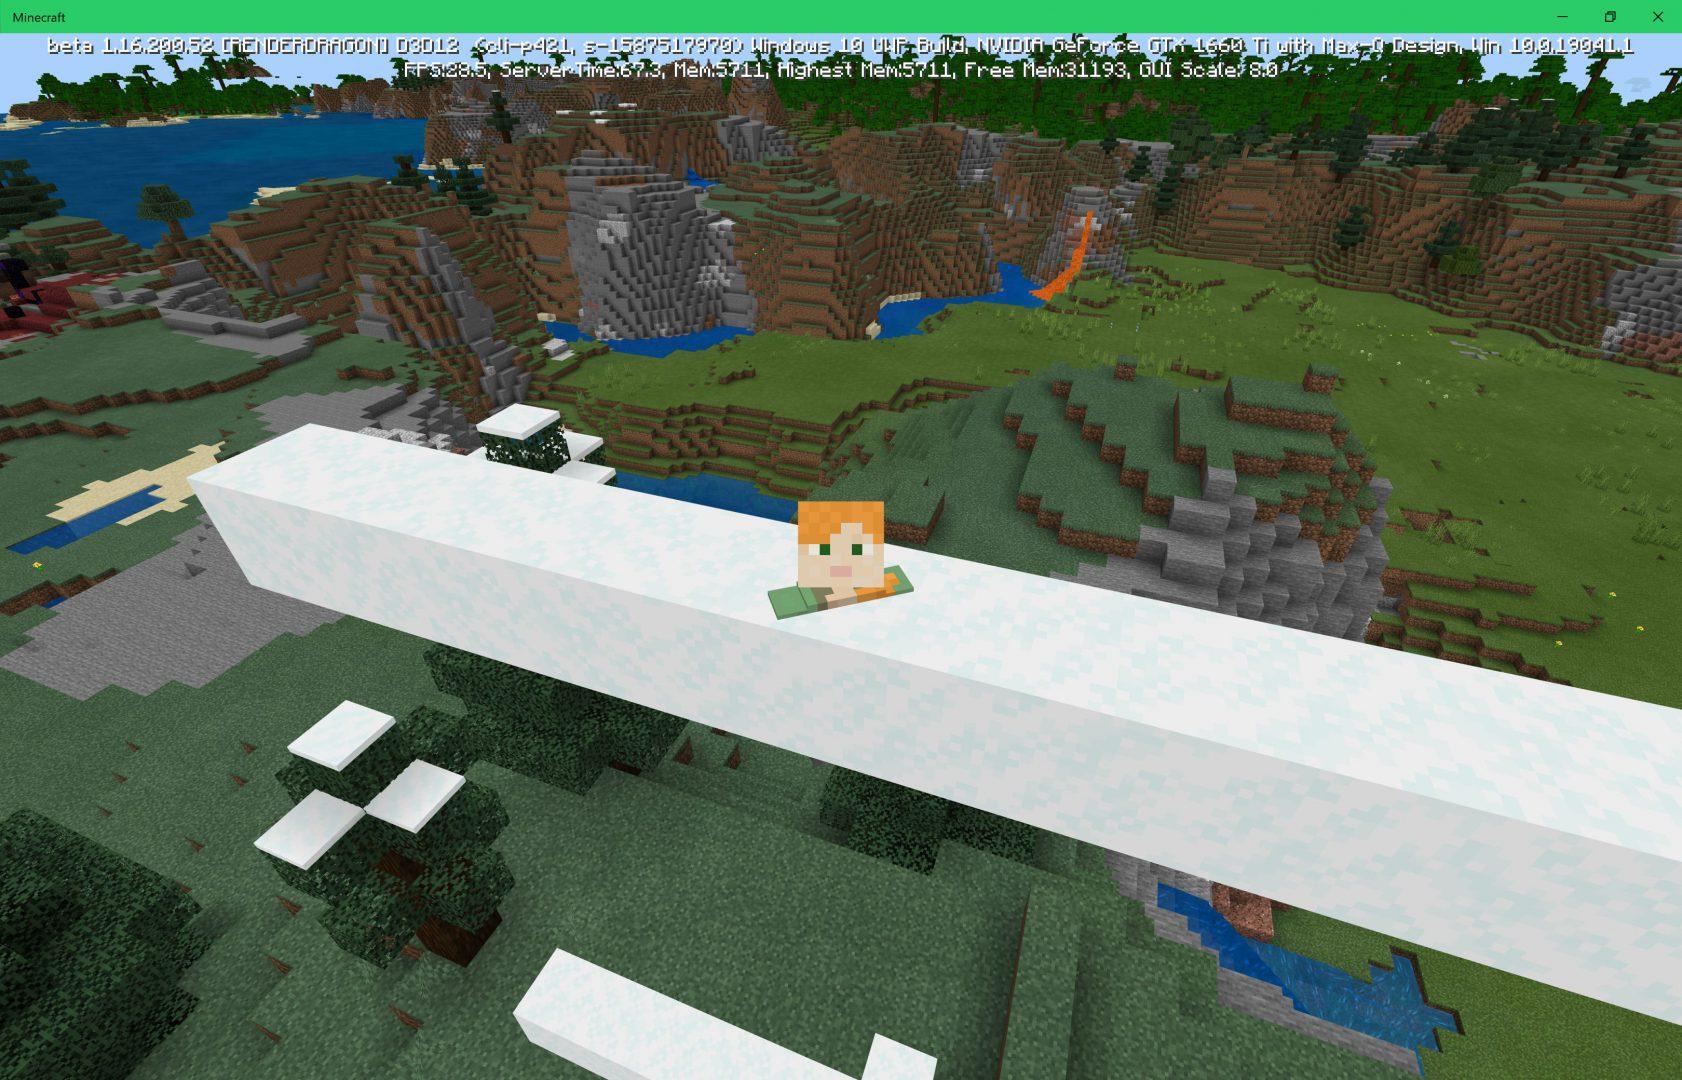 Hundiendose en la nieve en la actualización de cuevas y acantilados de Minecraft Bedrock